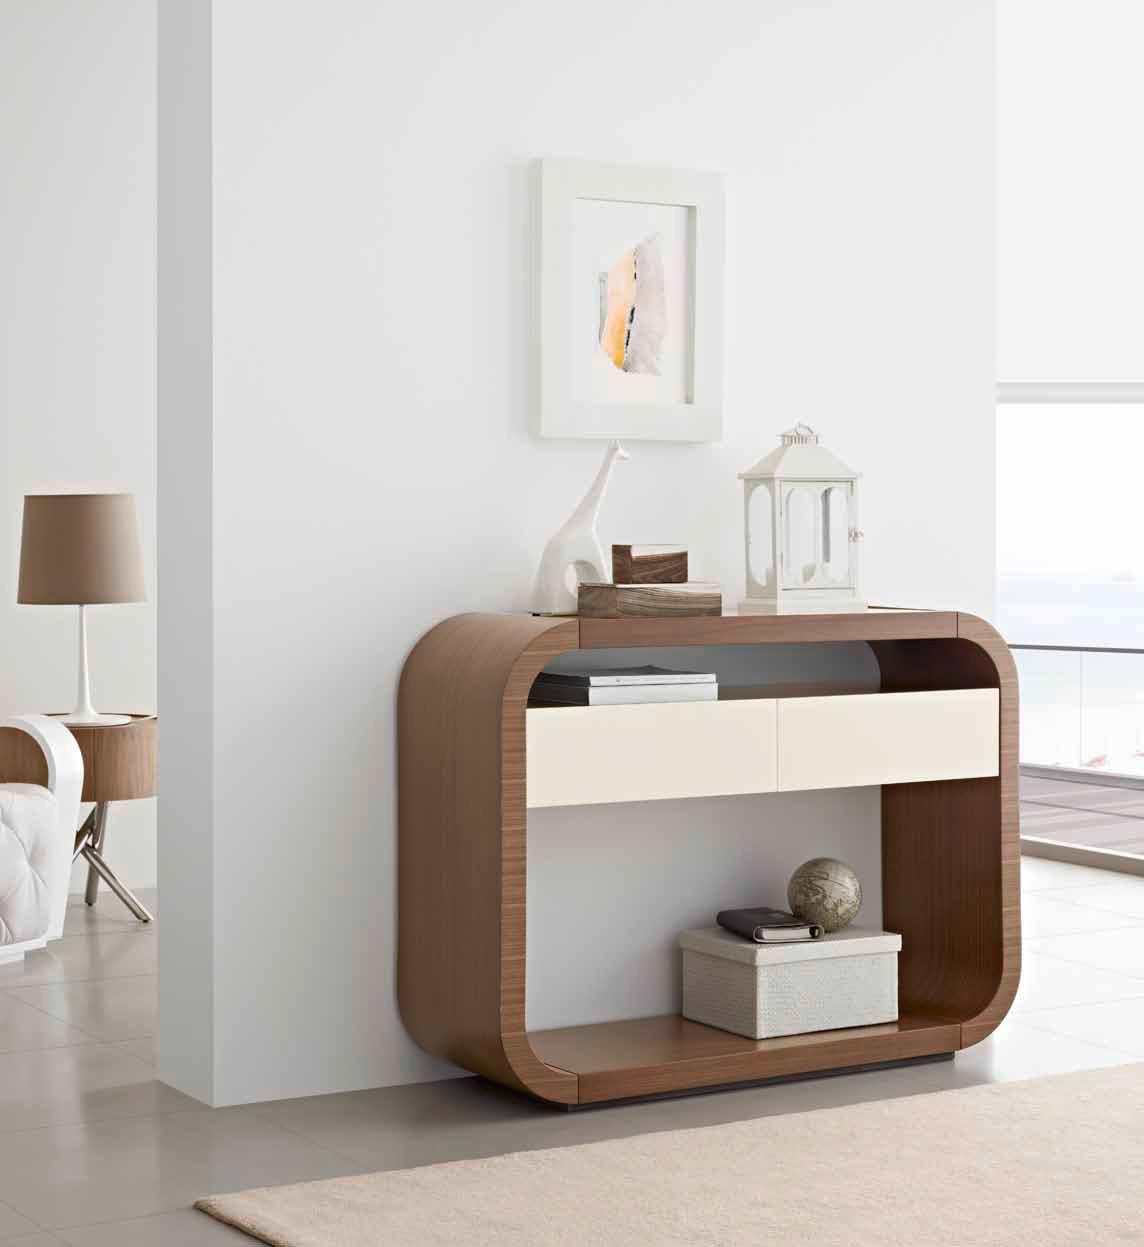 5 consolas modernas villalba interiorismo - Entradas modernas muebles ...